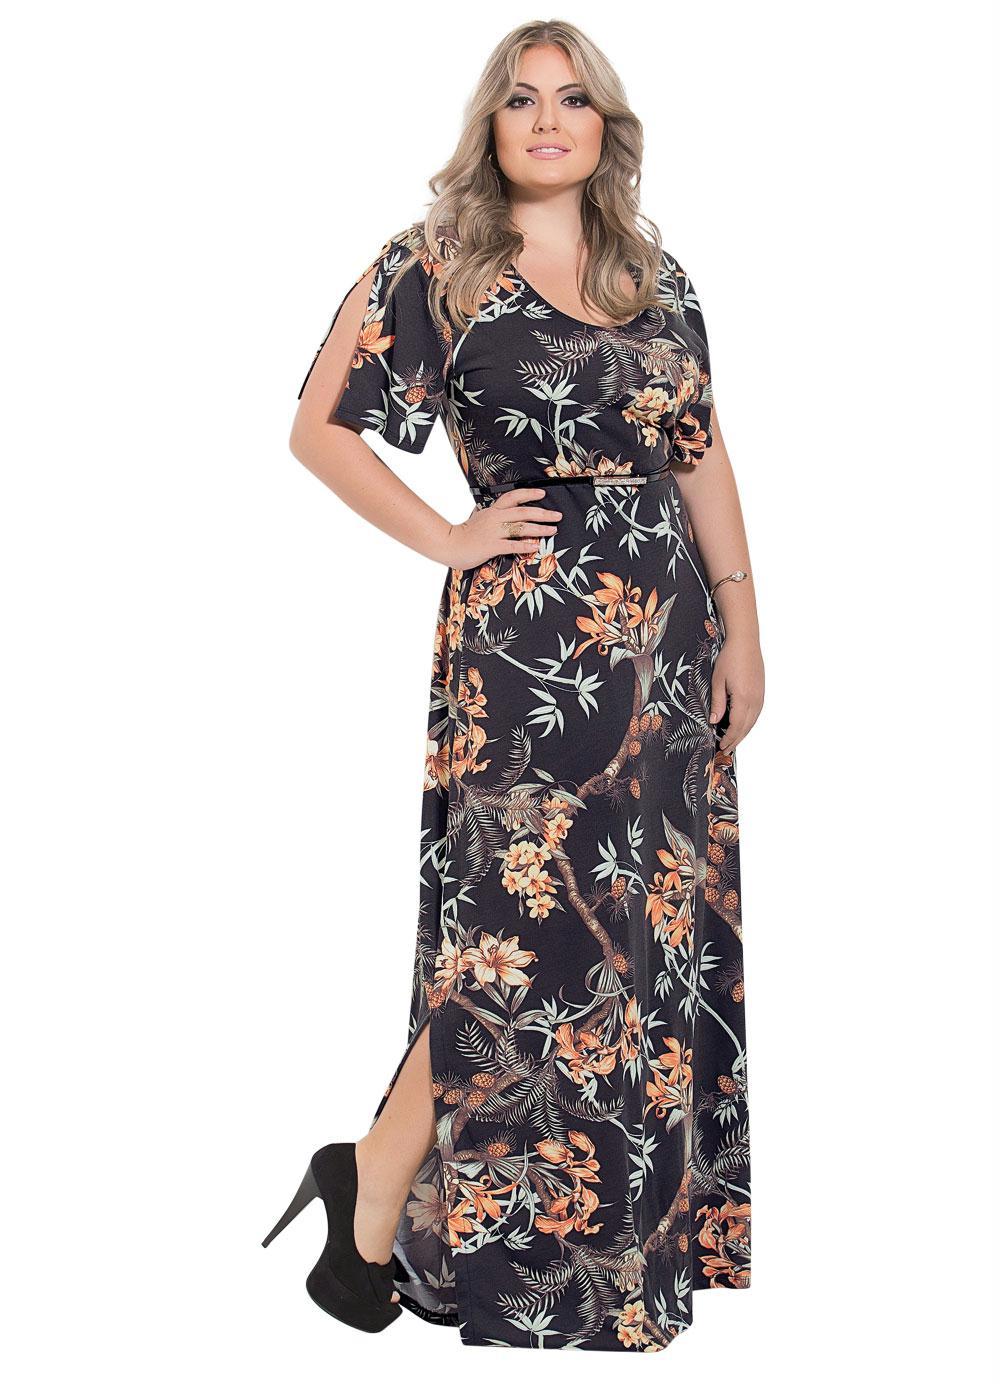 Vestido Longo Moda Evangélica Estampado - Rosalie 4d0d0b099e1c3